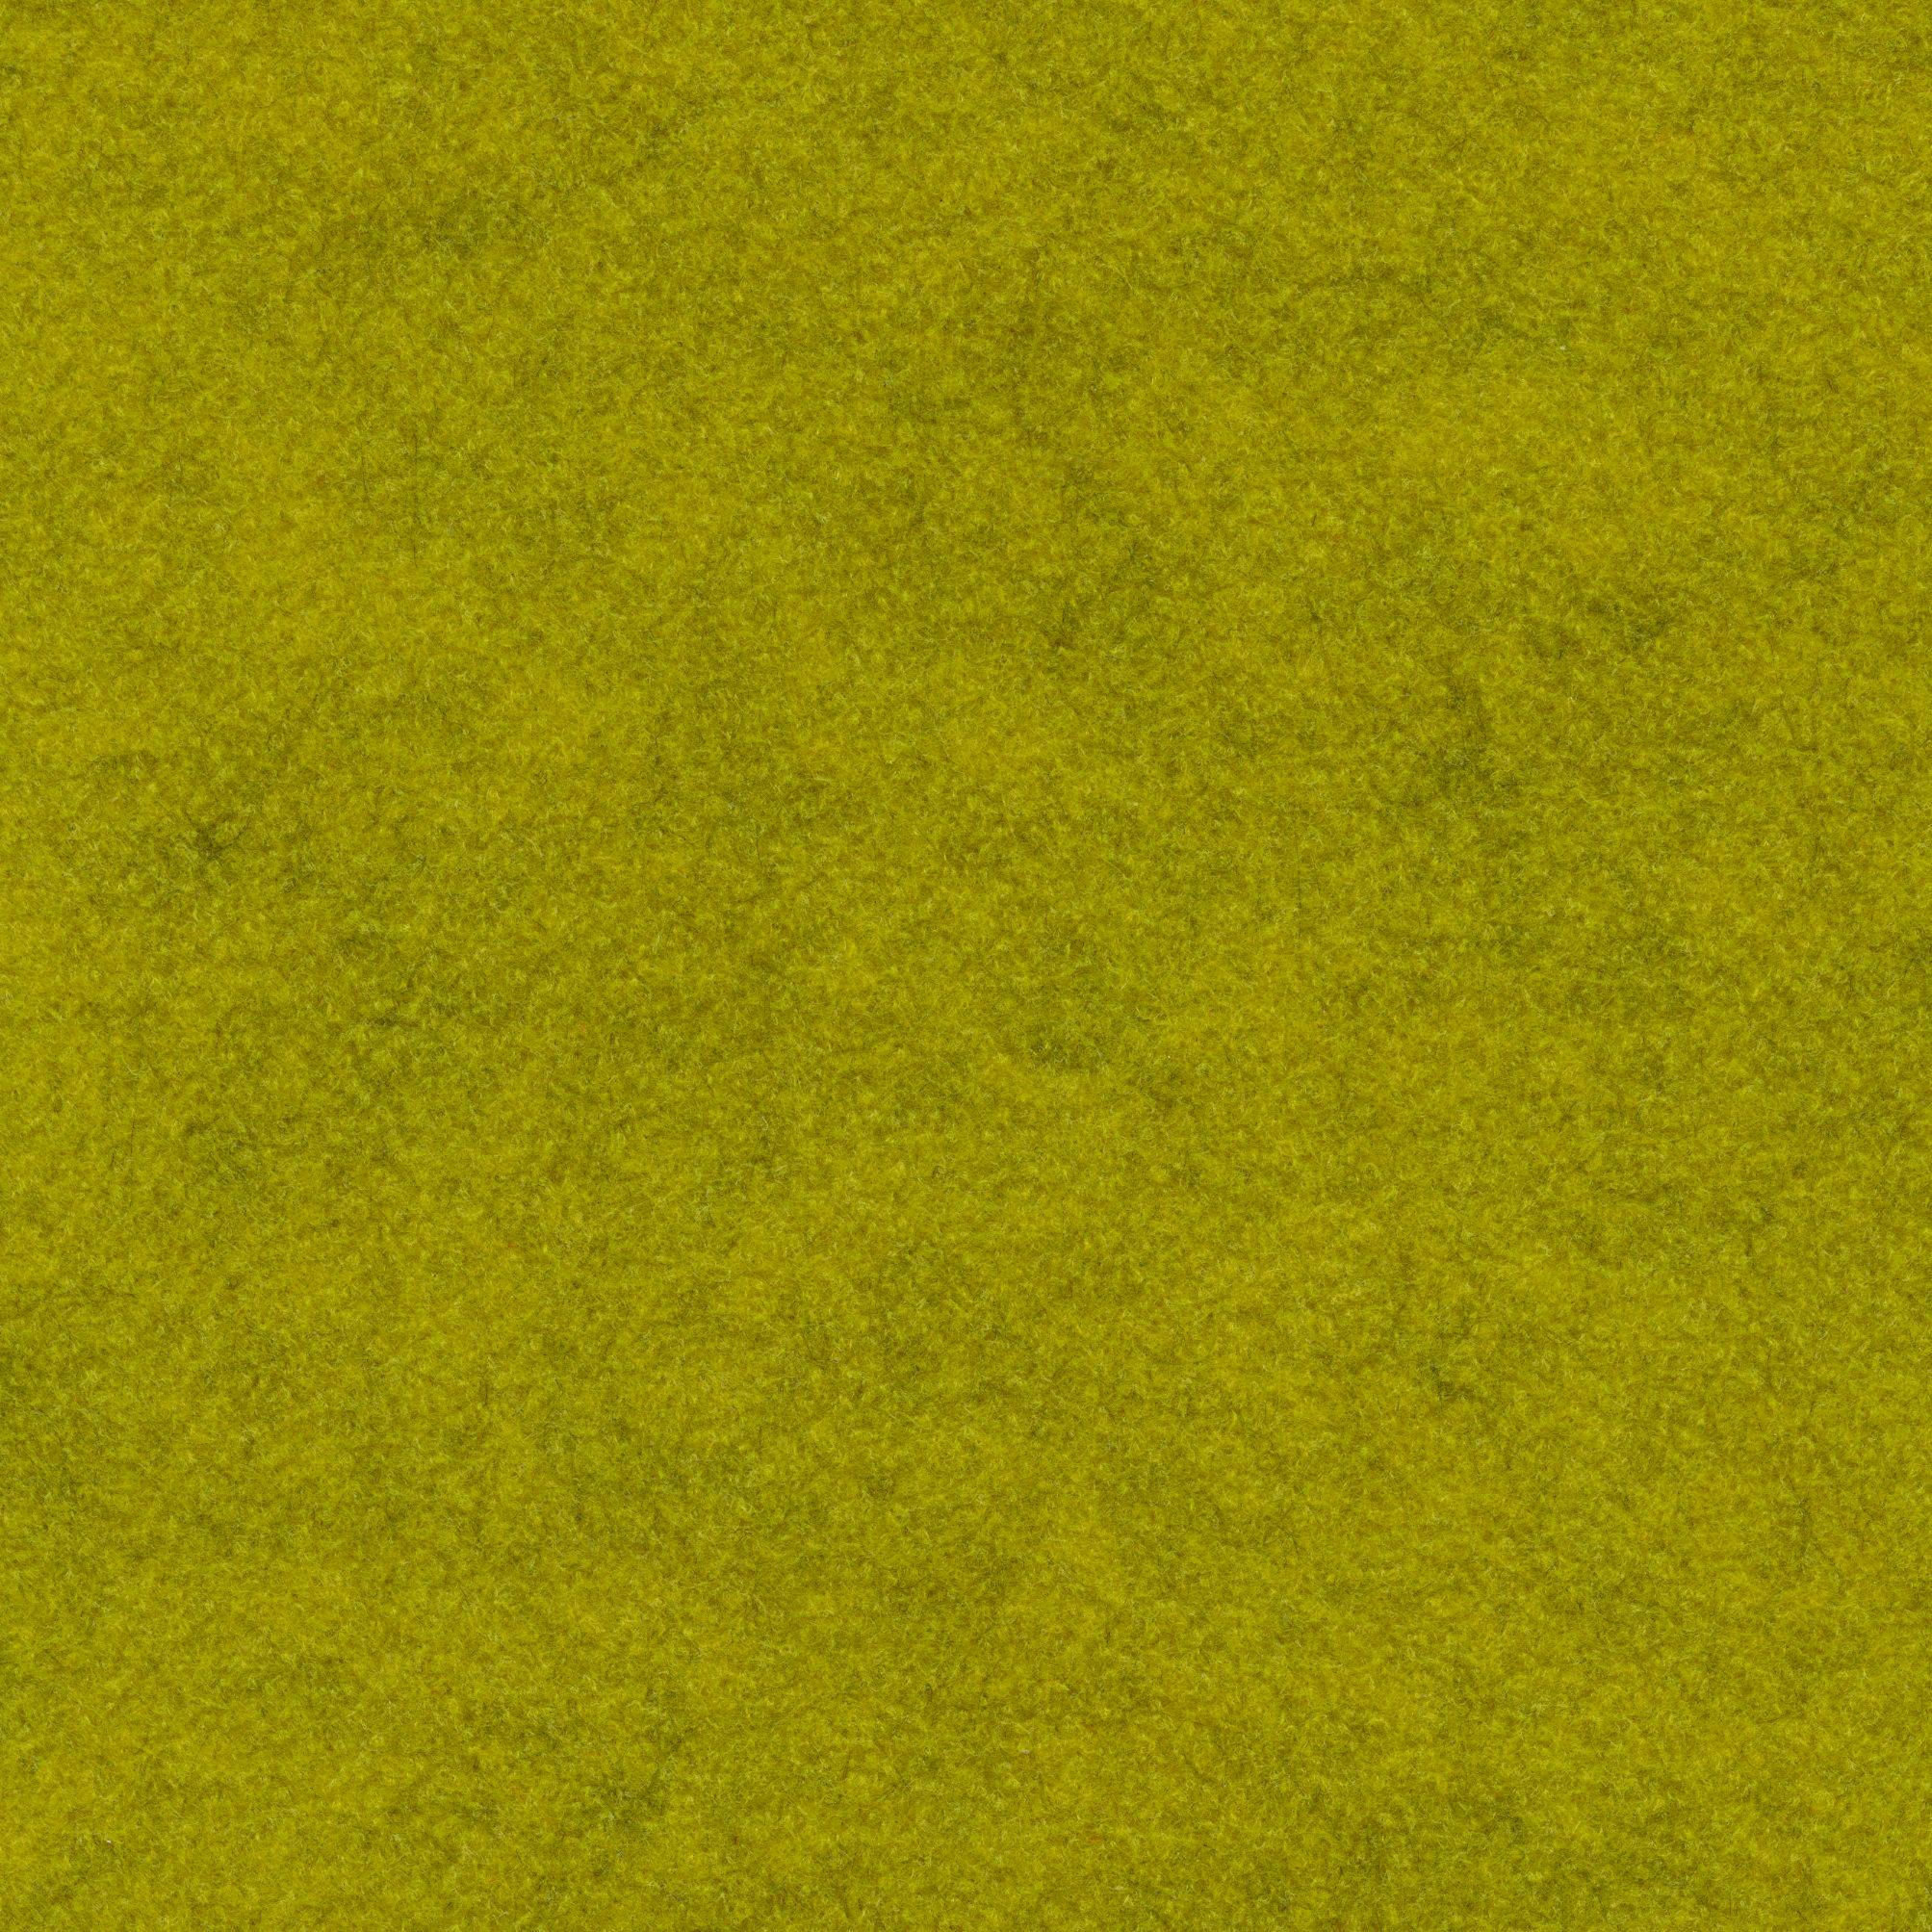 Ecoustic Lemon Swatch Teaser